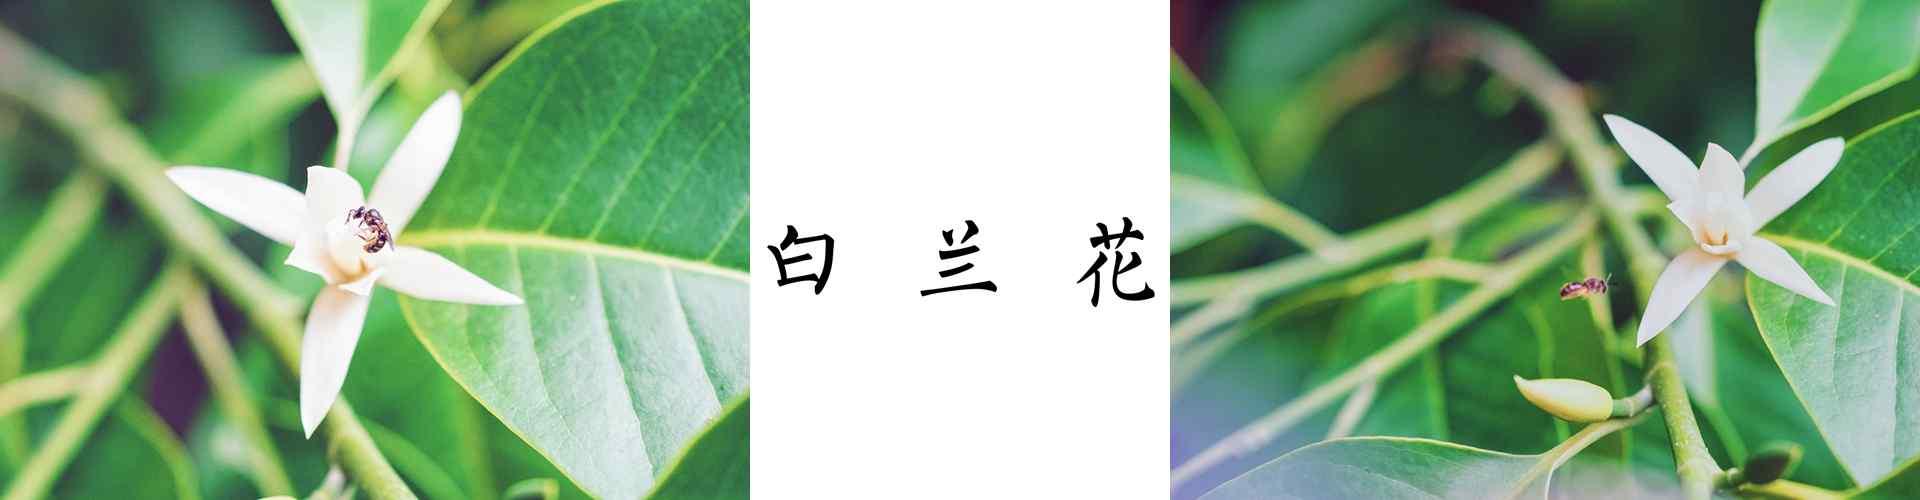 白兰花_白兰花图片_白兰花花语寓意_鲜花图片大全_植物壁纸